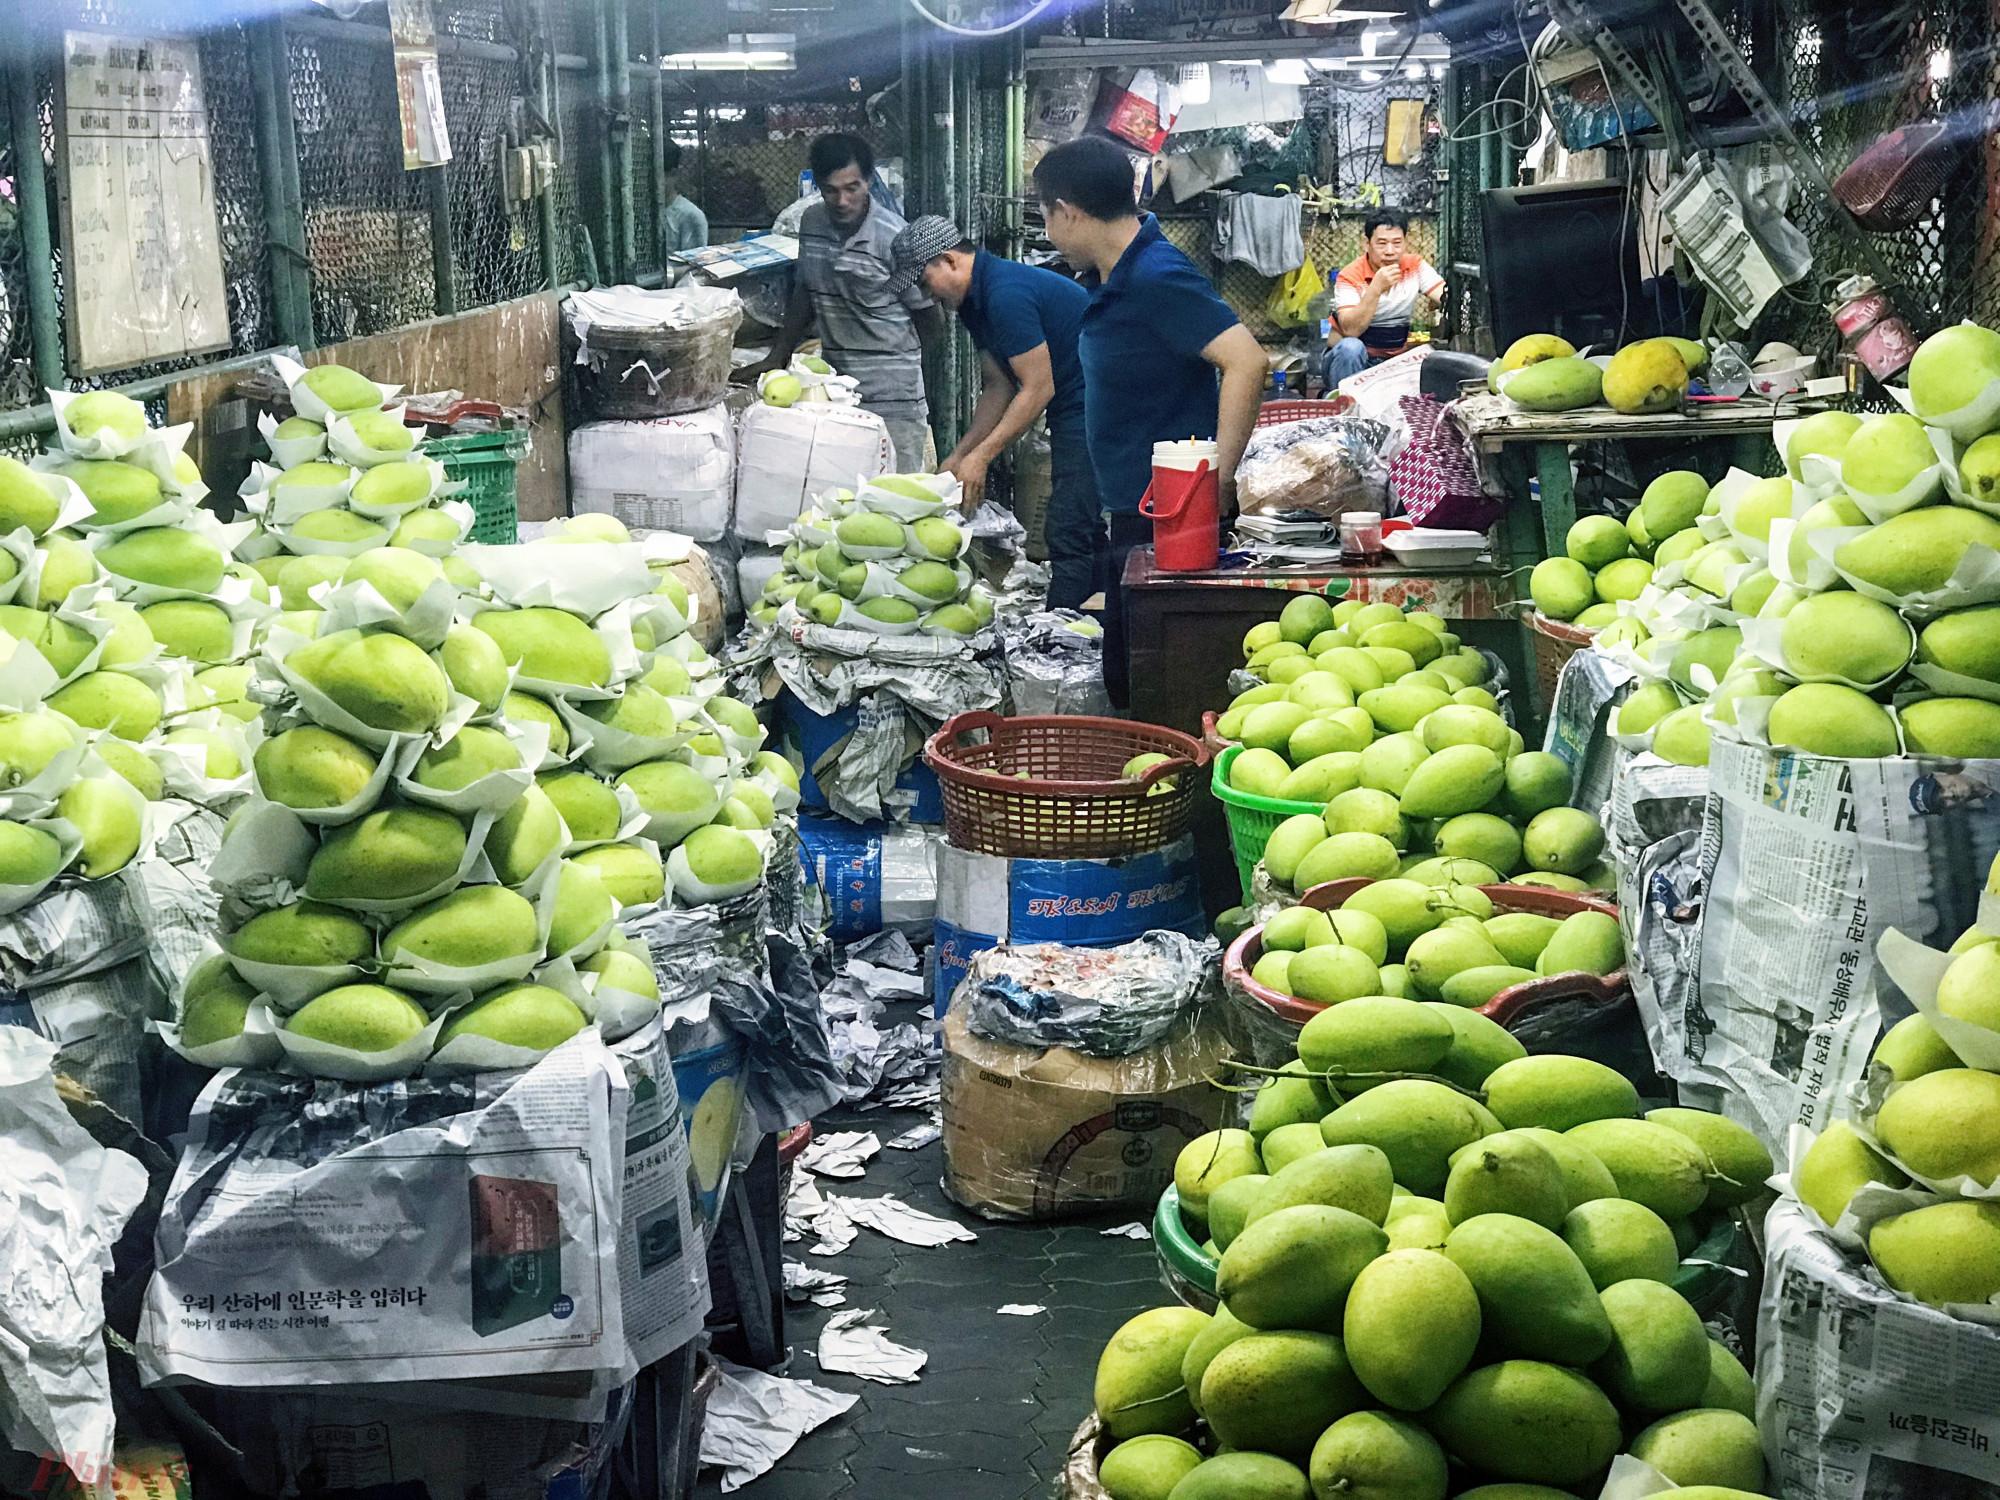 Một sạp kinh doanh xoài tại chợ đầu mối nông sản Thủ Đức. Ảnh: Quốc Thái